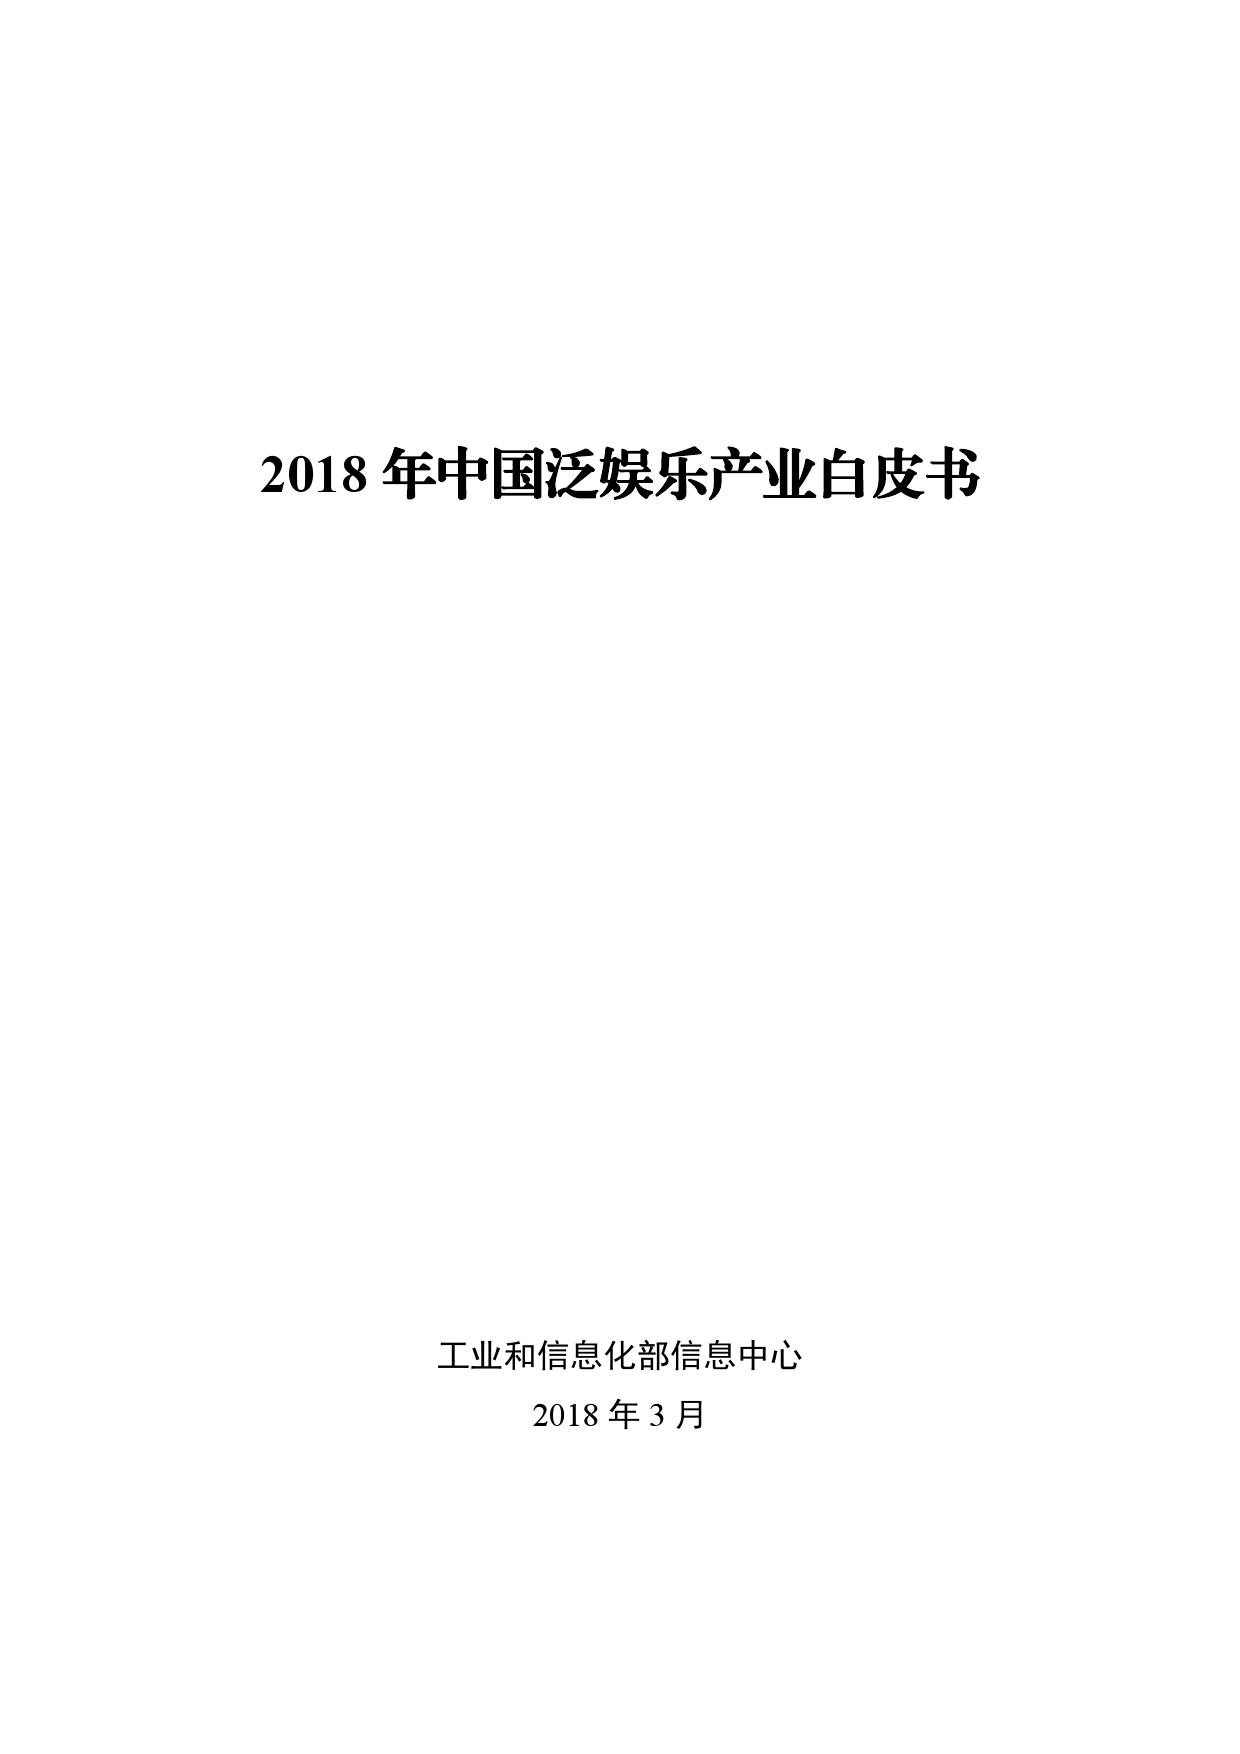 工信部:2018年中国泛娱乐产业白皮书(附下载)